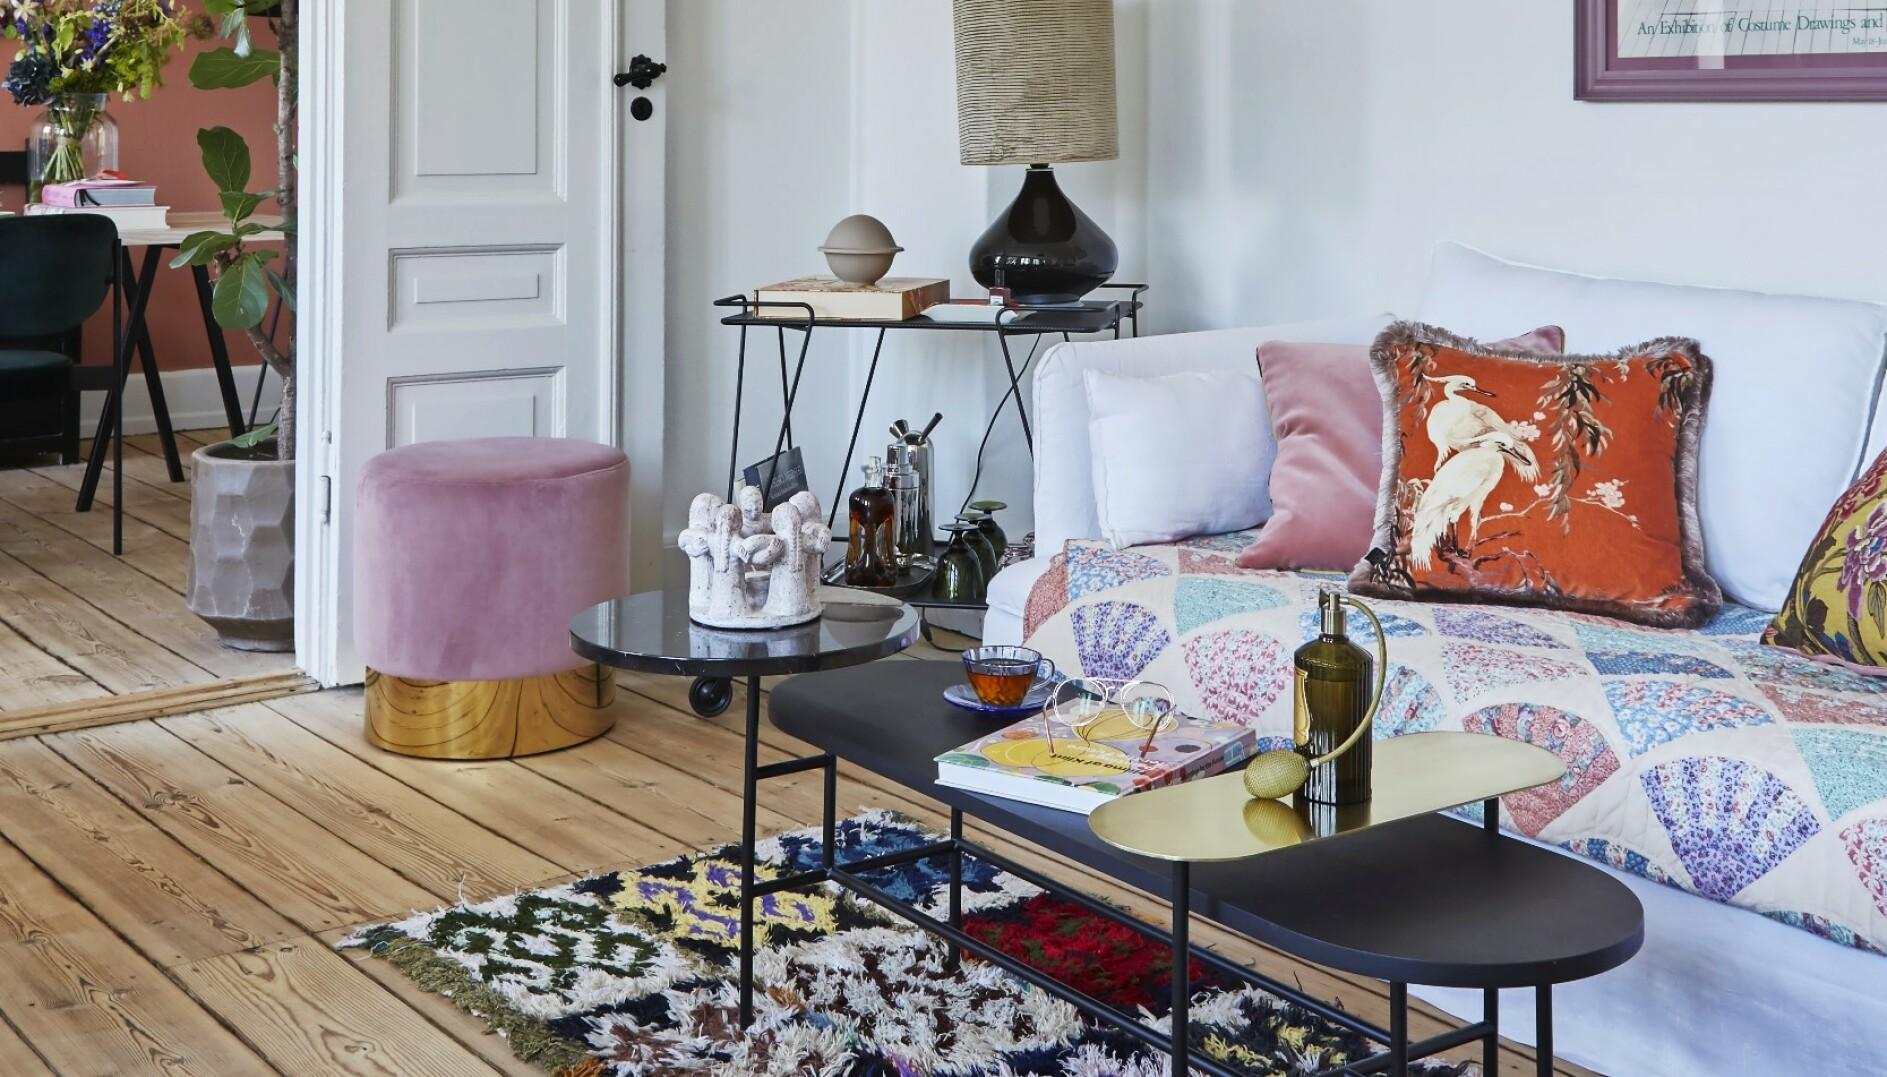 Sofaen fra Ikea har fått lintrekk fra Bemz. Lappeteppet er fra @epicdecor og putene fra Heim. Under sofabordet fra @tradition ligget et boucherouite-teppe fra Kirsten Fribert. Puffen i rosa velur er fra My Journey Collection. FOTO: Anitta Behrendt